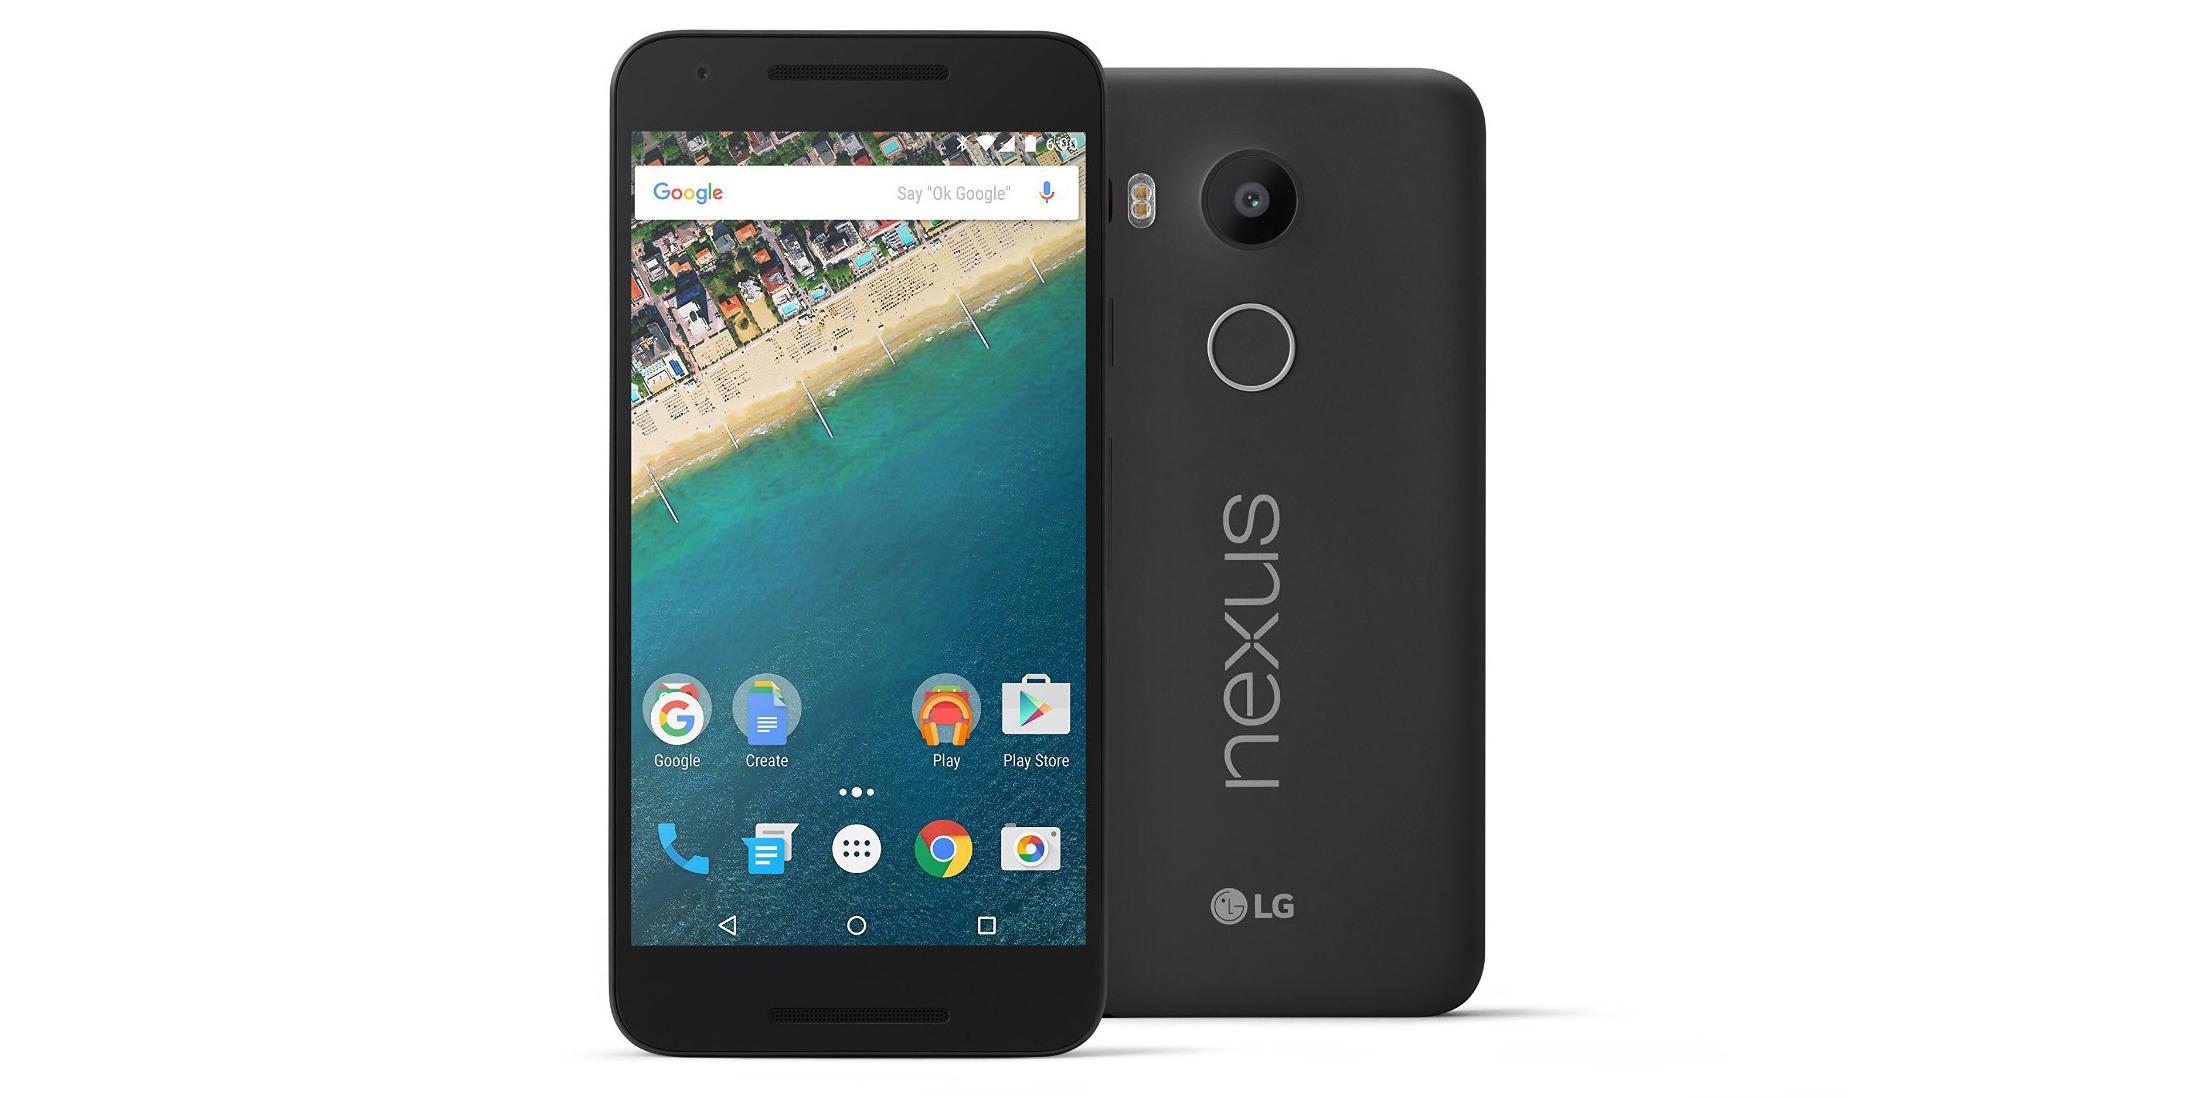 lg-nexus-5x